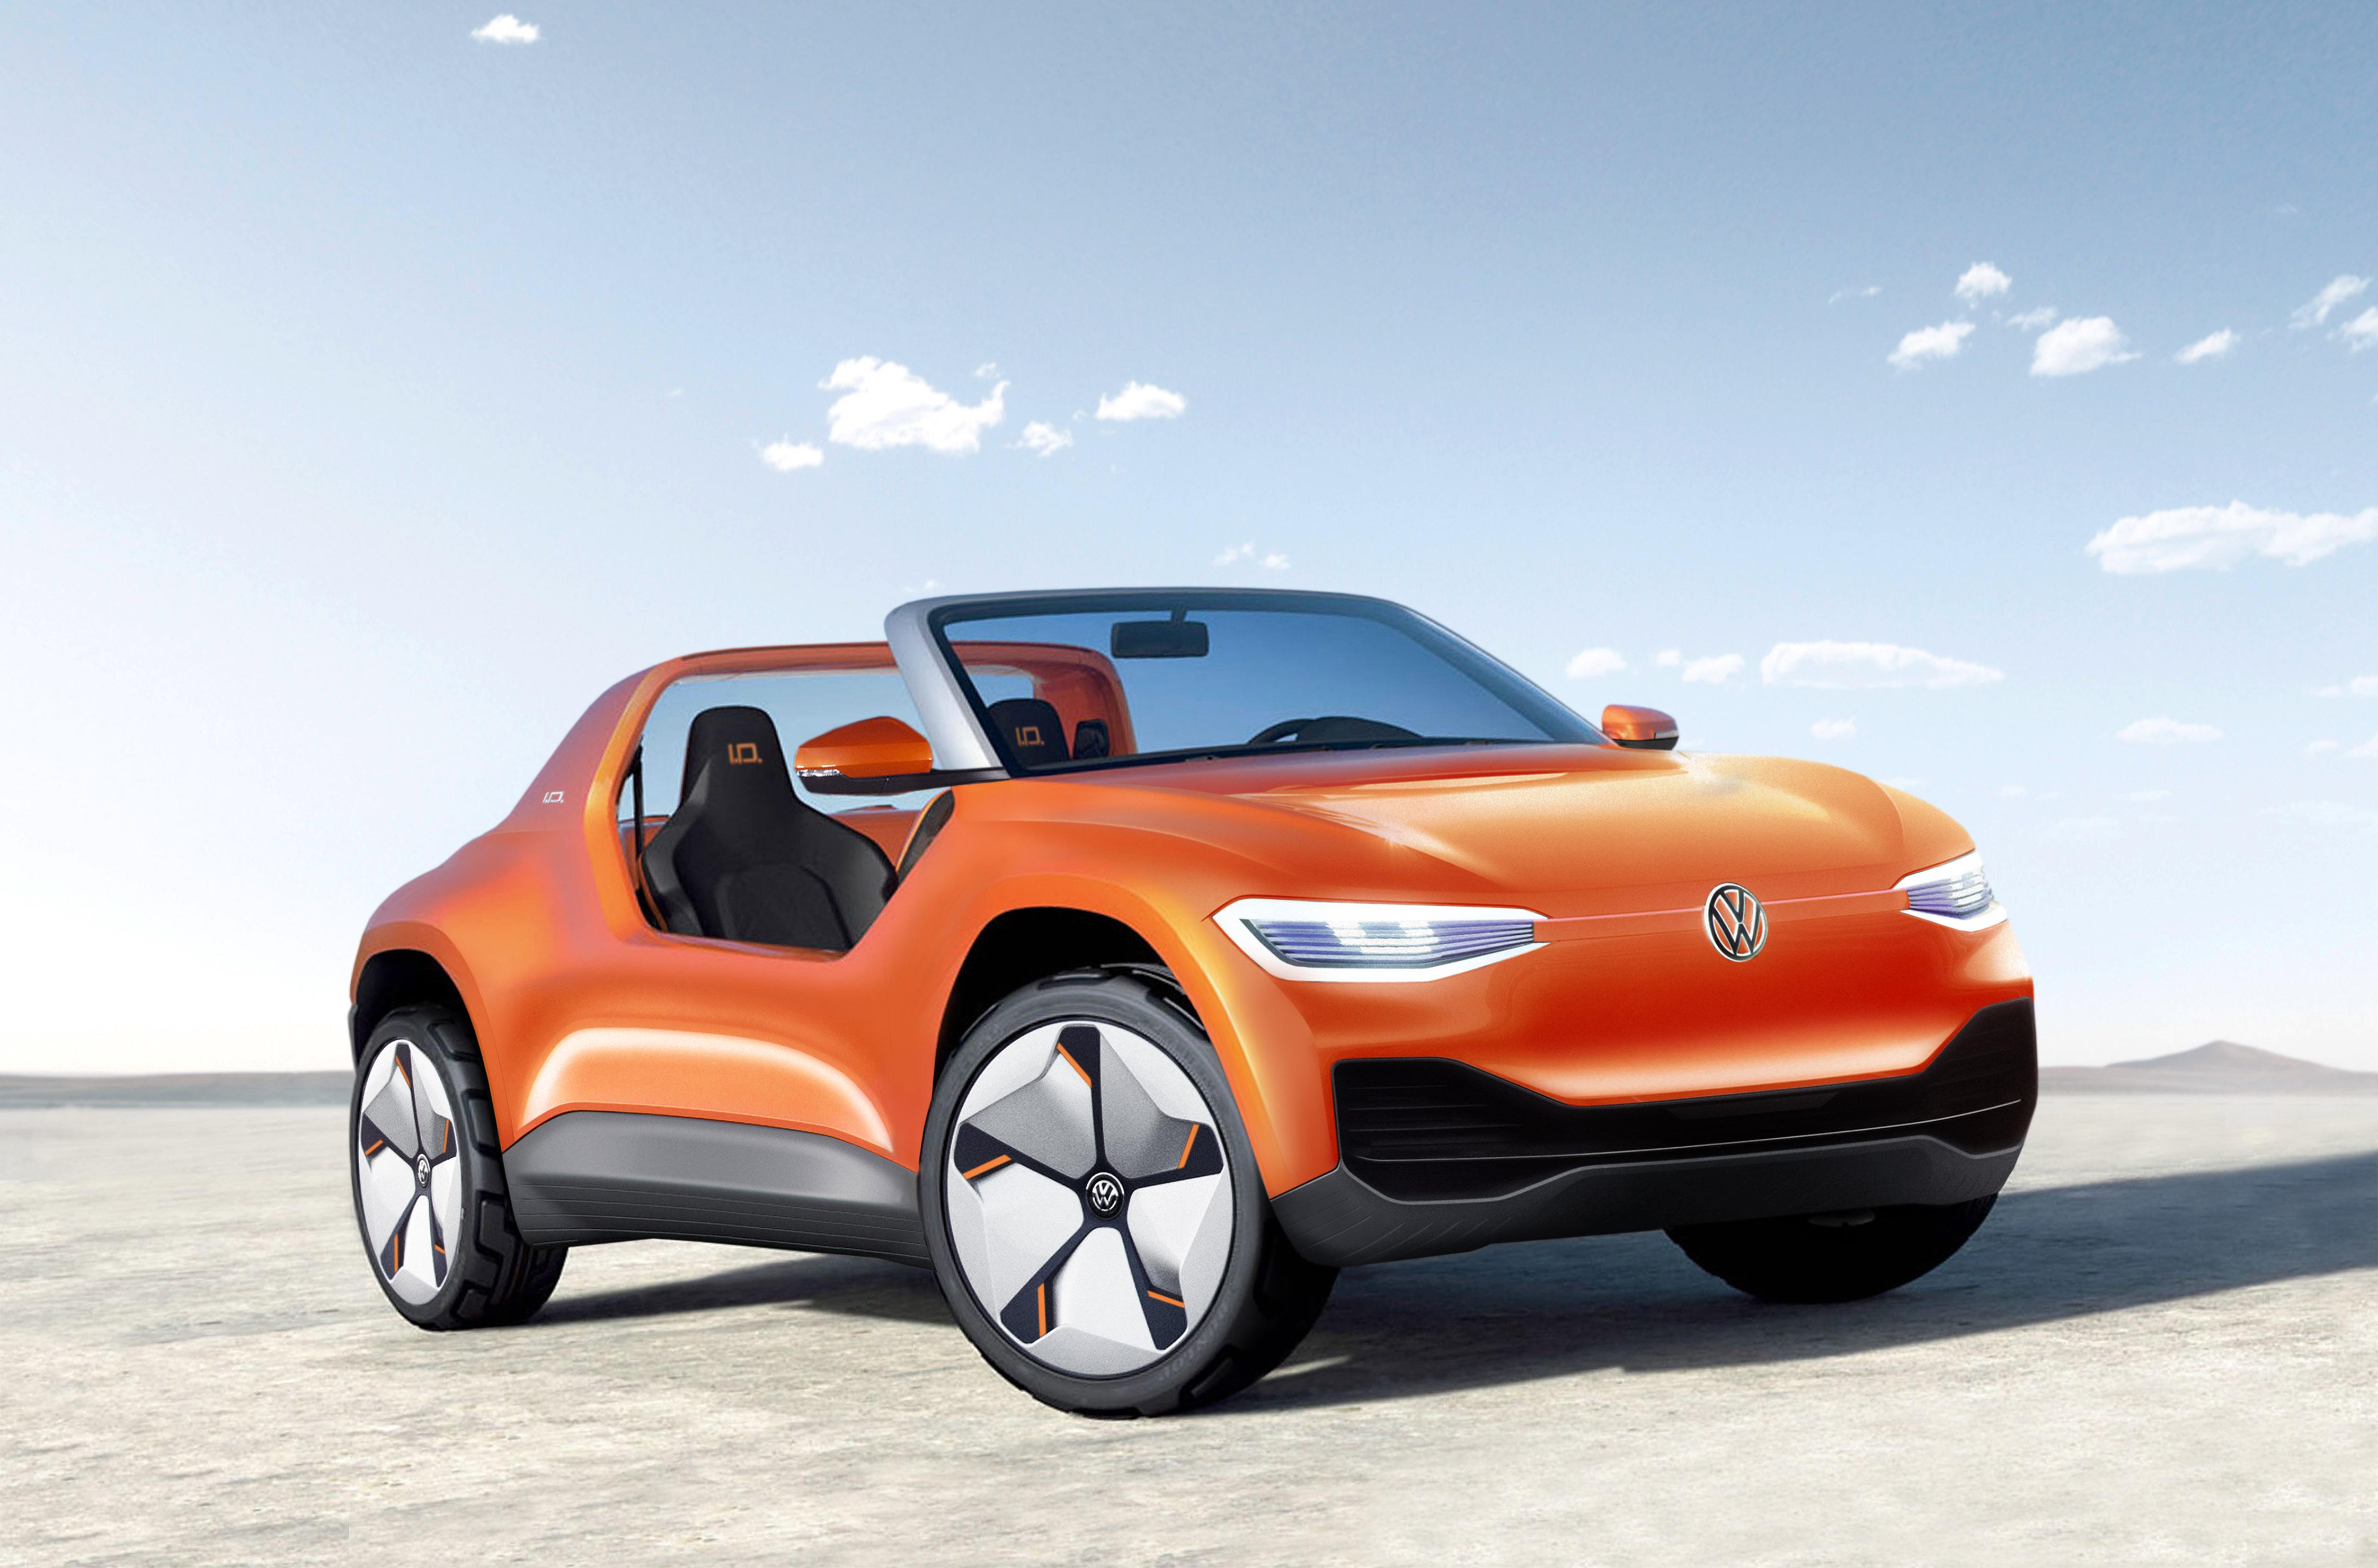 Volkswagen Buggy schulte design